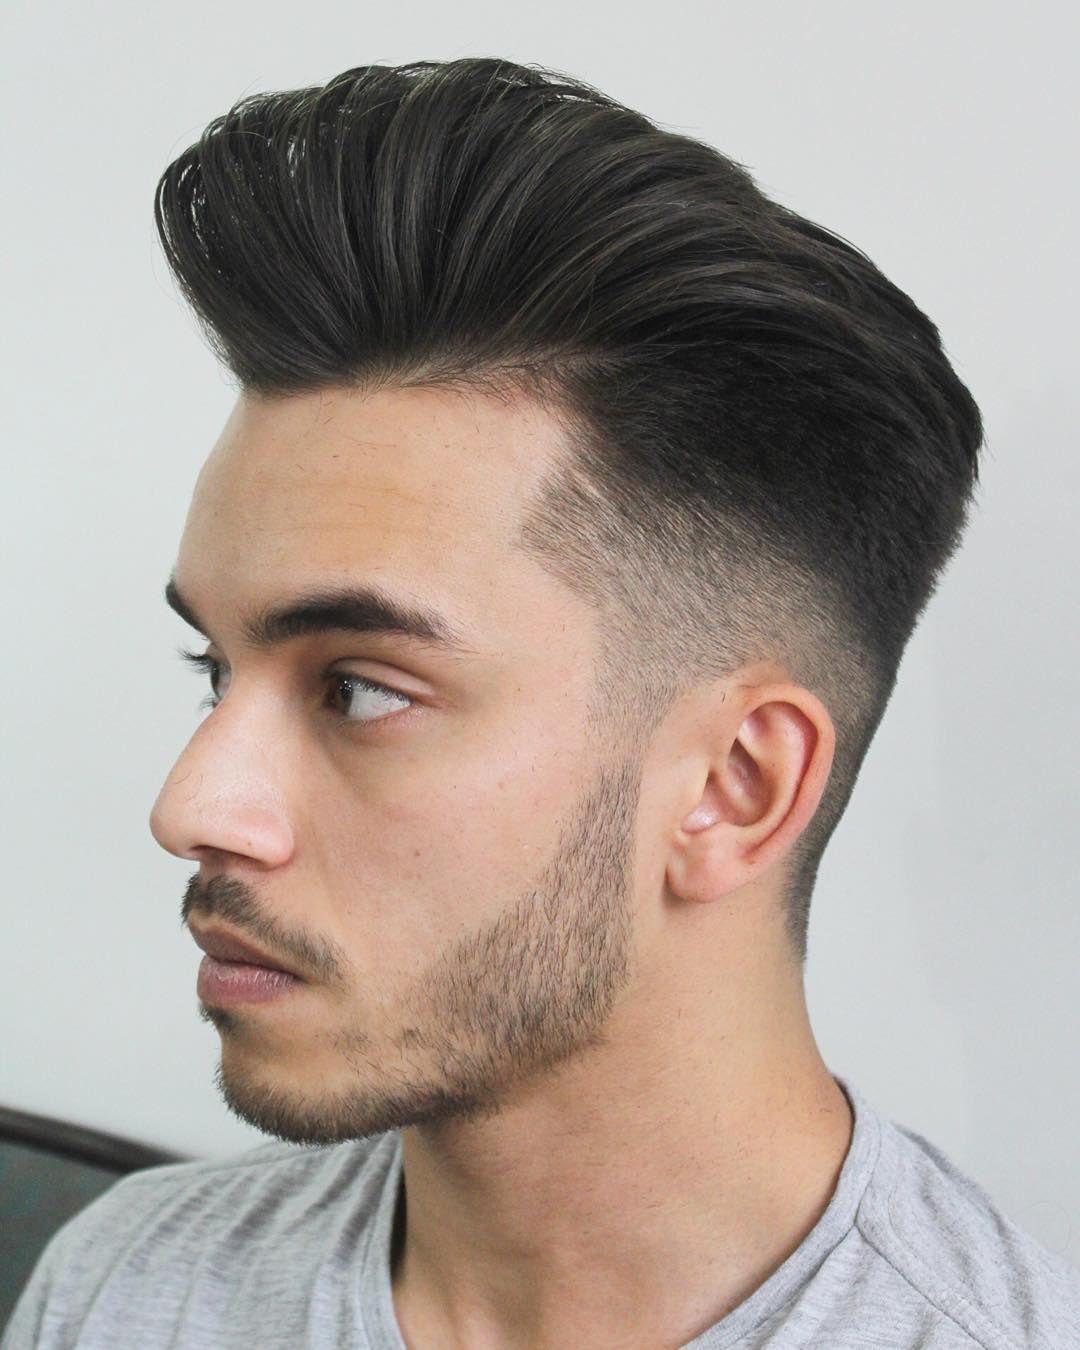 30 Pompadour Haircut Ideas For Modern Men Styling Guide In 2020 Pompadour Haircut Pompadour Hairstyle Undercut Pompadour